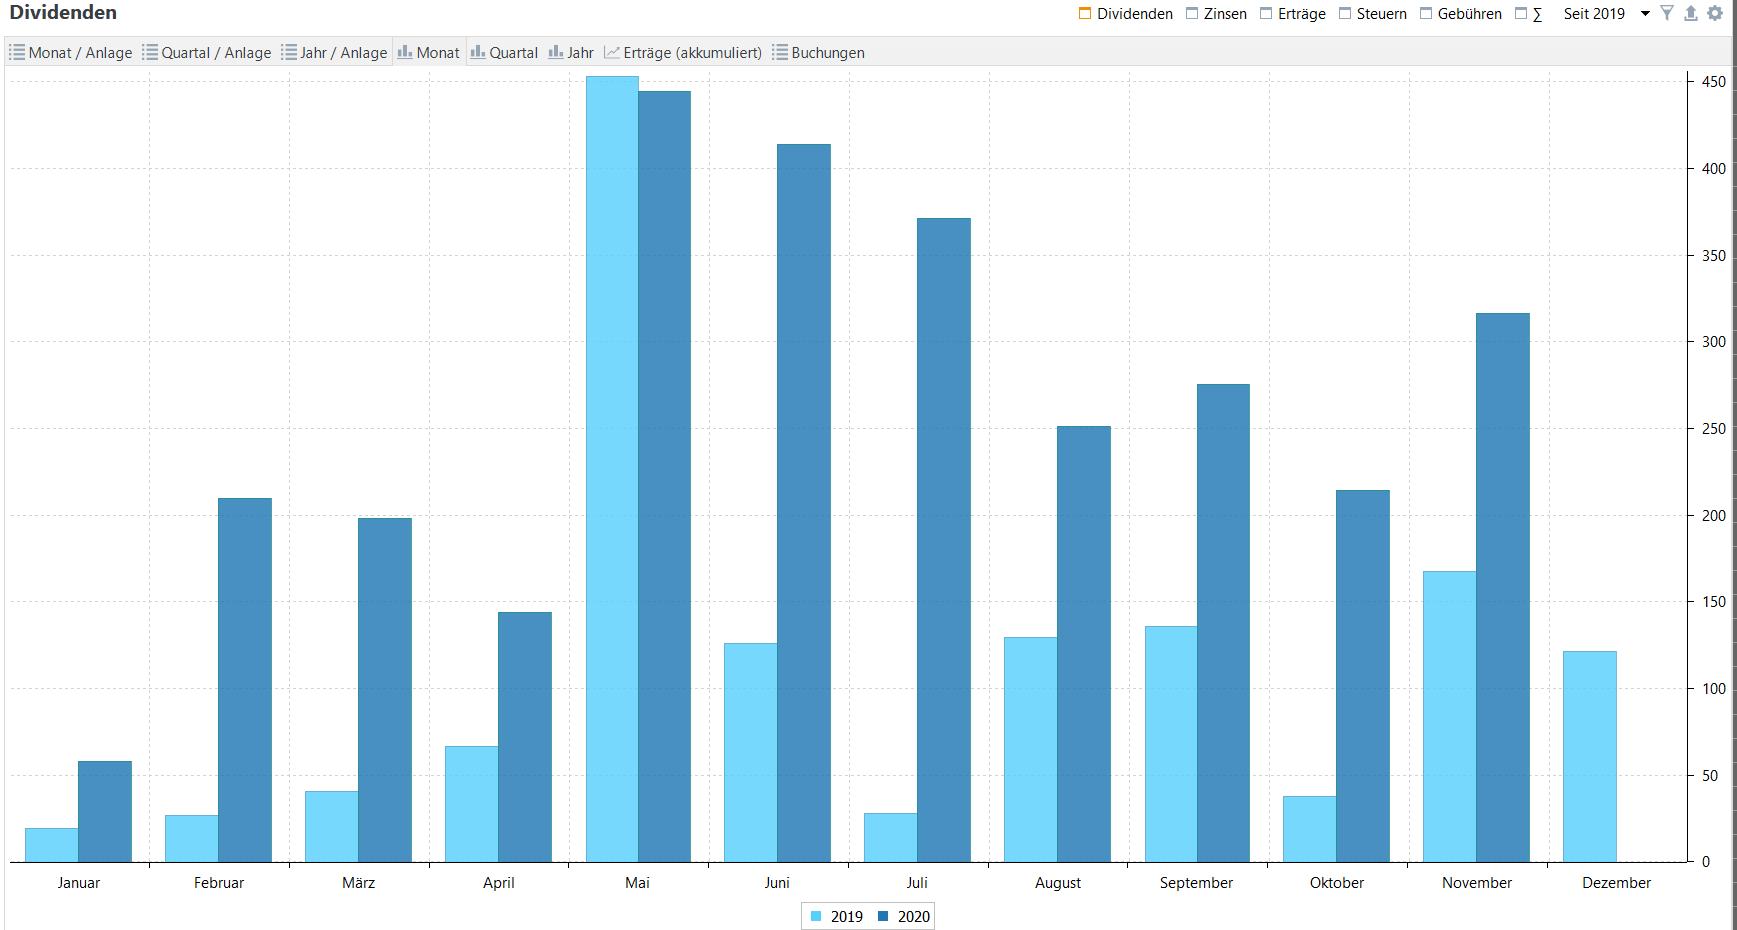 Passives Einkommen aus Dividenden im Jahresvergleich (Stand: 01.12.2020)